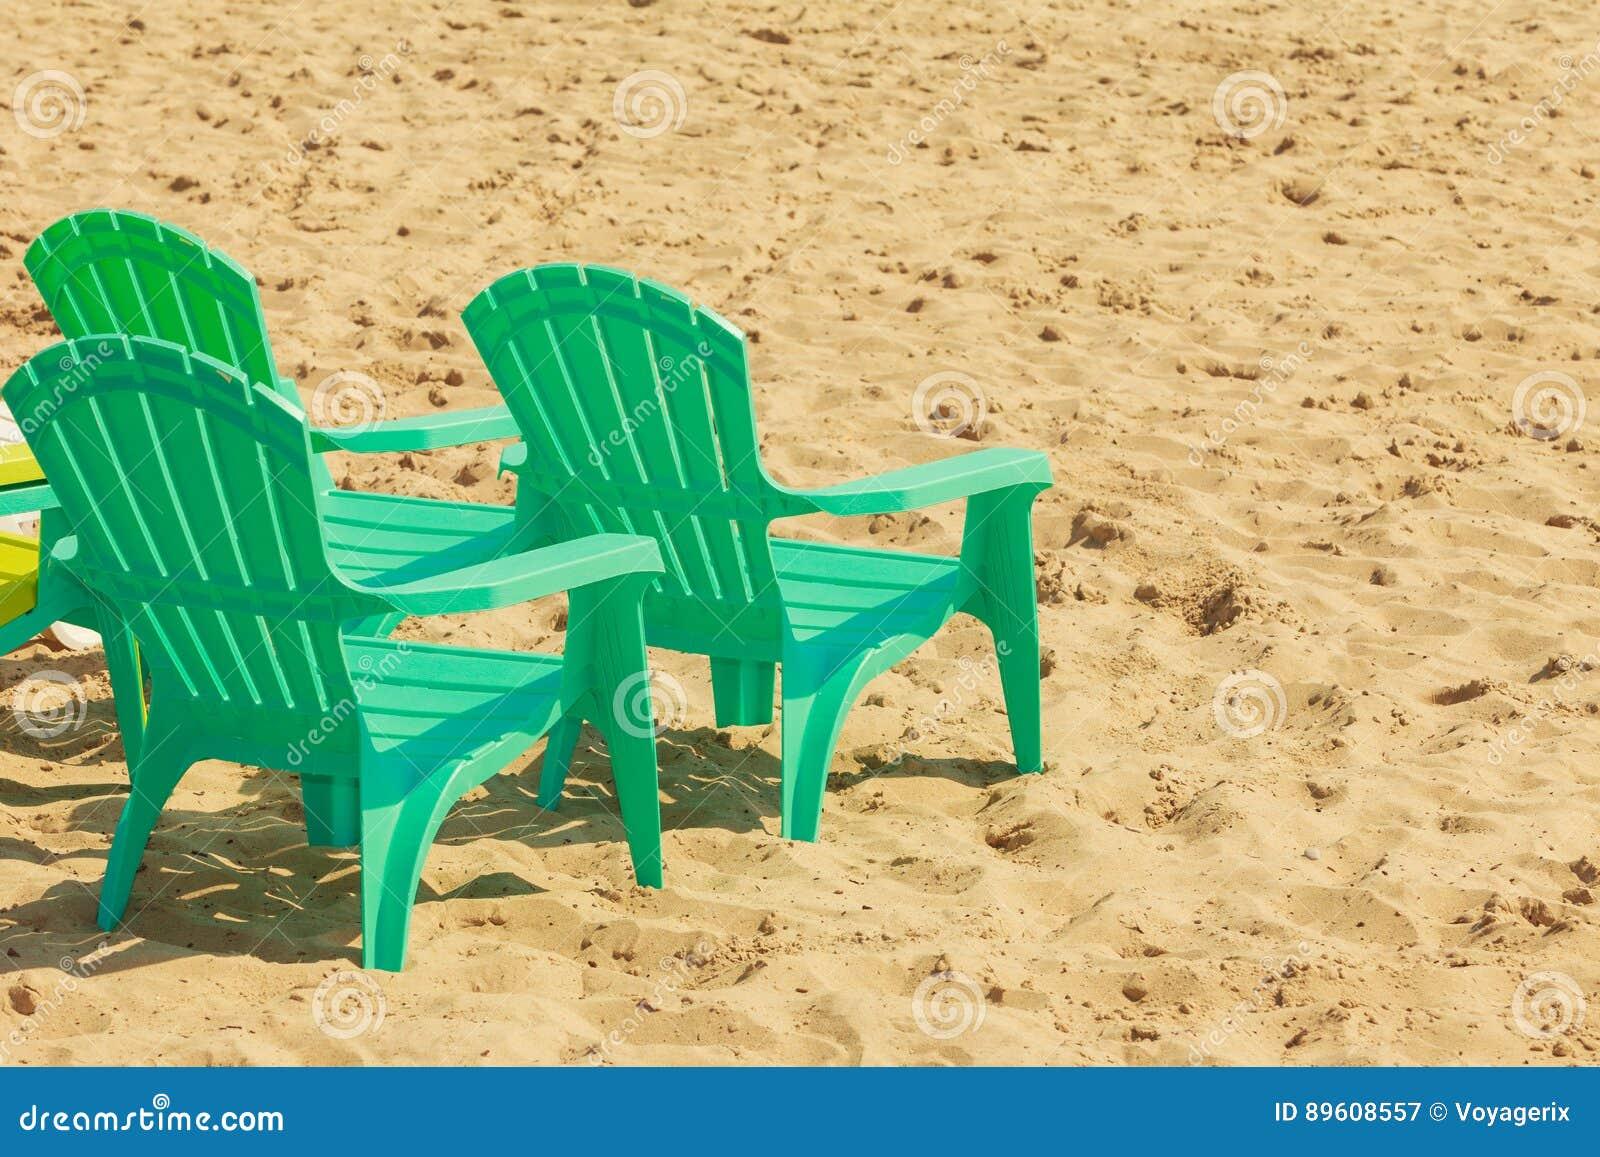 Sedie Verdi Di Plastica.Sedie Di Plastica Verdi Sulla Sabbia Immagine Stock Immagine Di